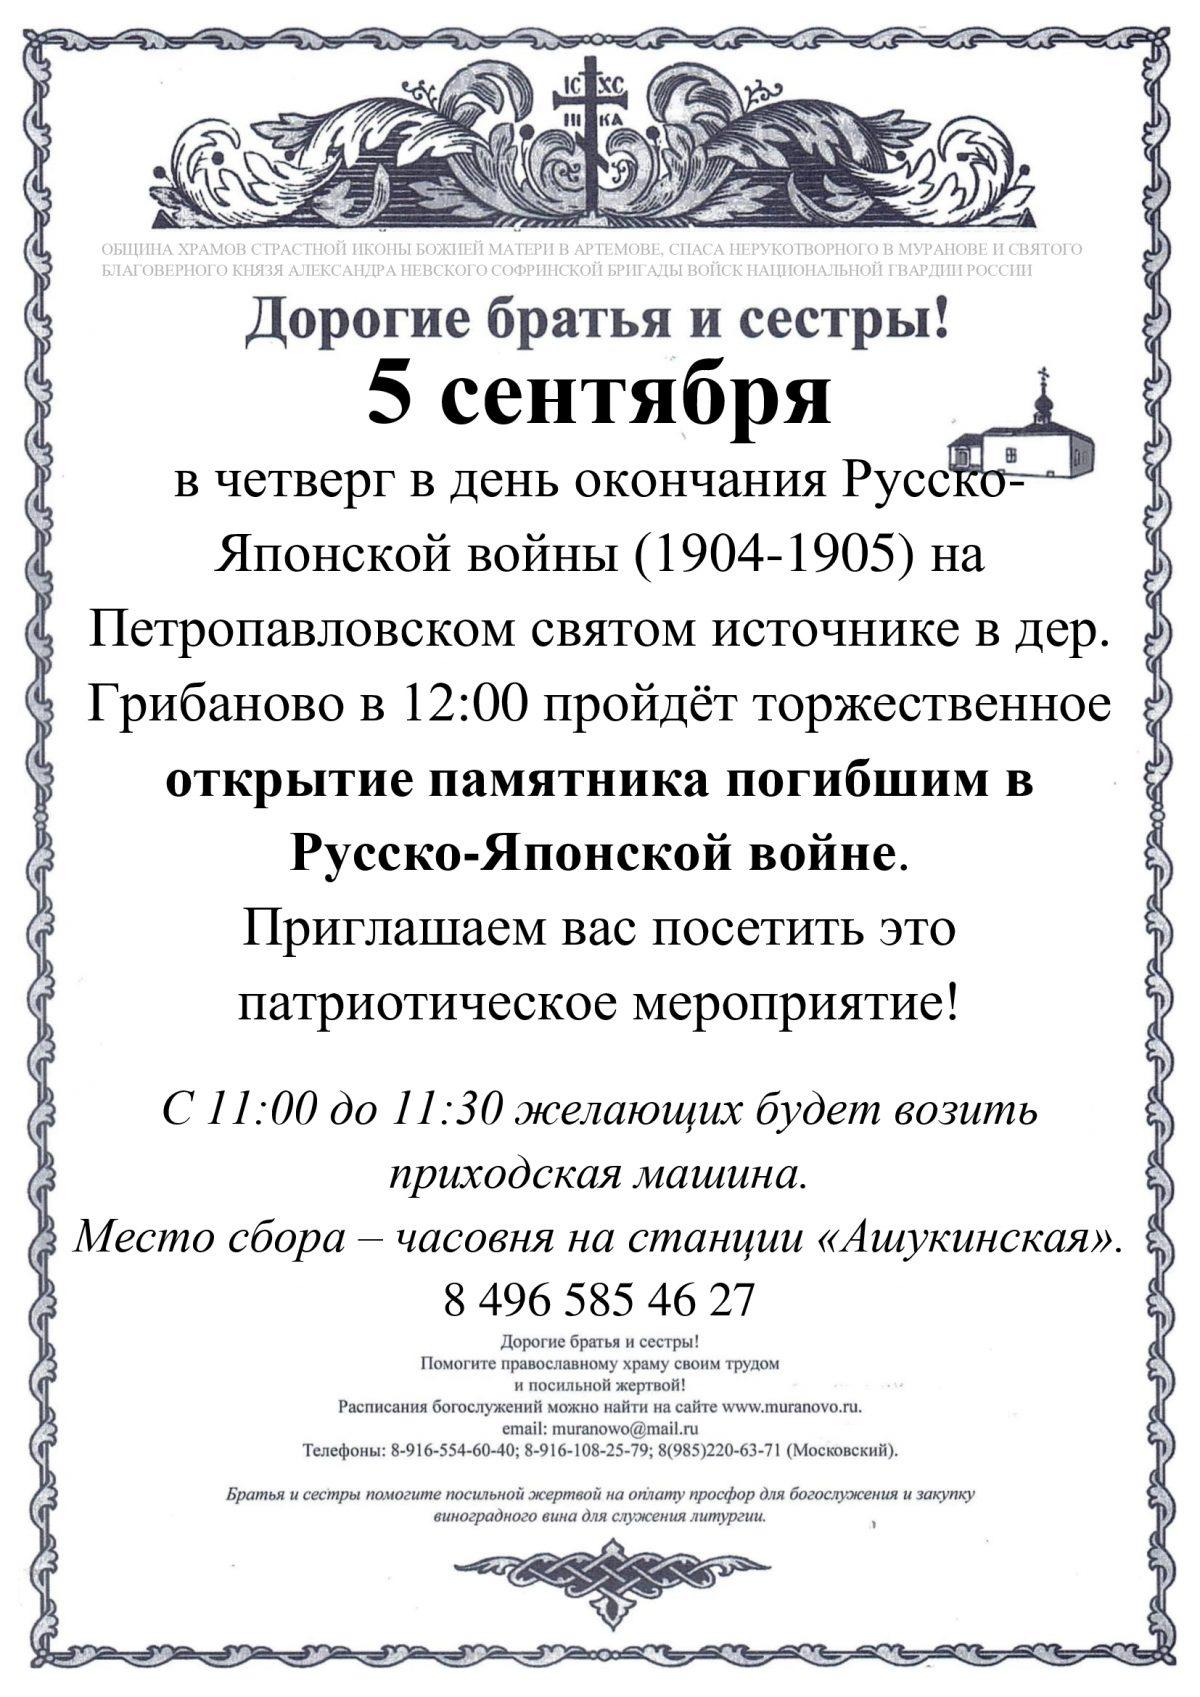 Приглашение на открытие 5 сентября памятника Русско-Японской войне в Пушкинском районе МО